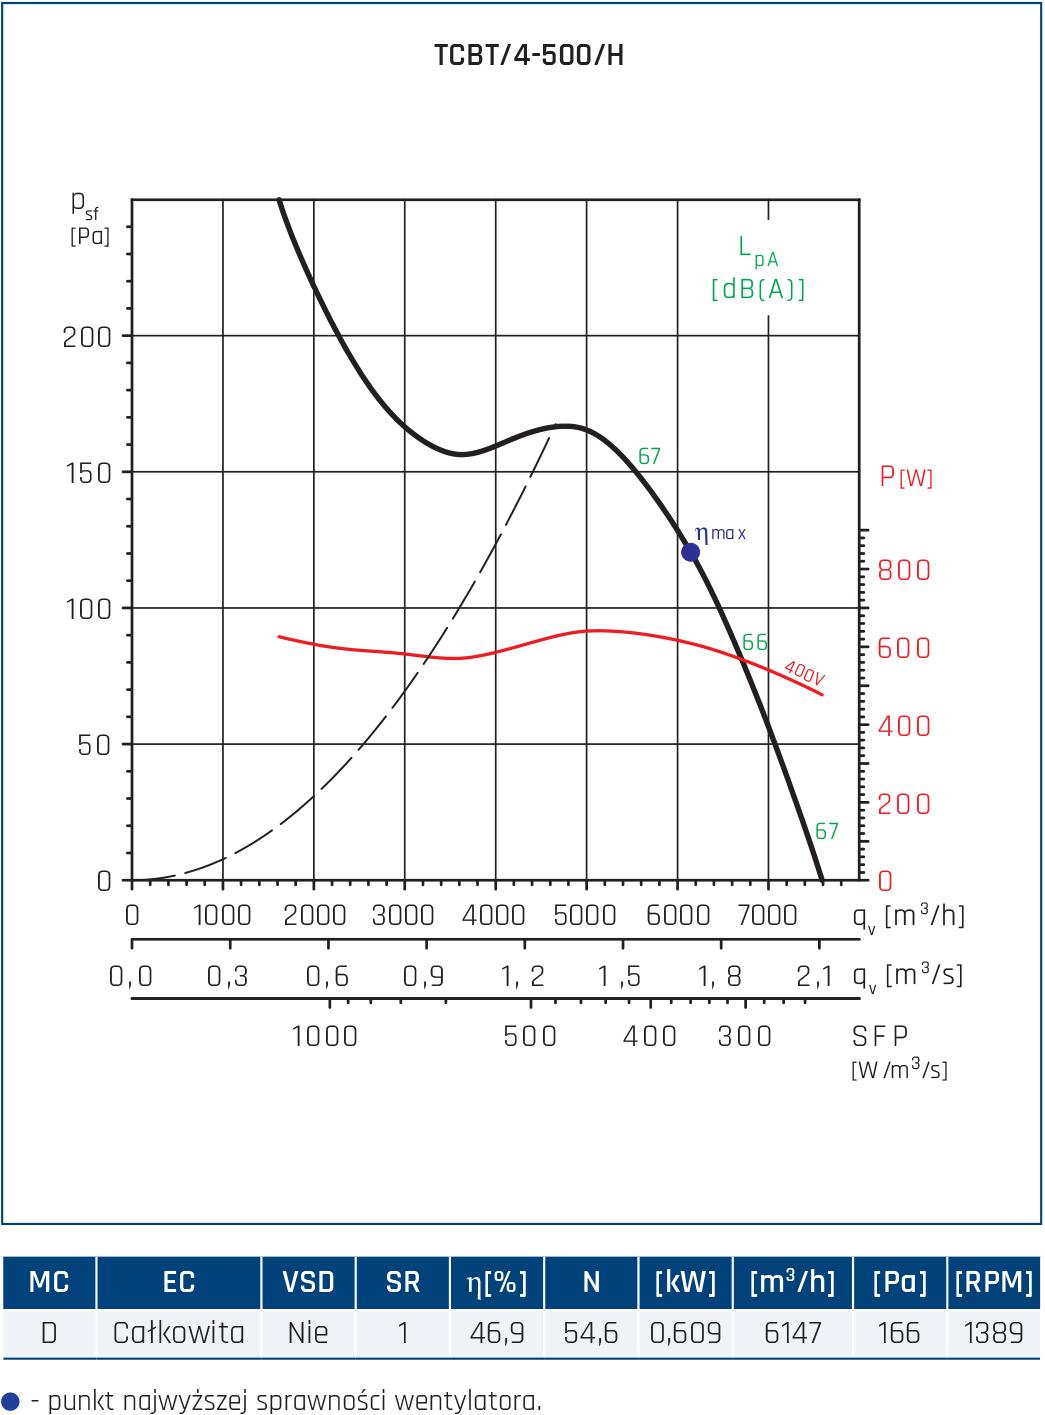 Wentylator Compact TCBB/TCBT 38